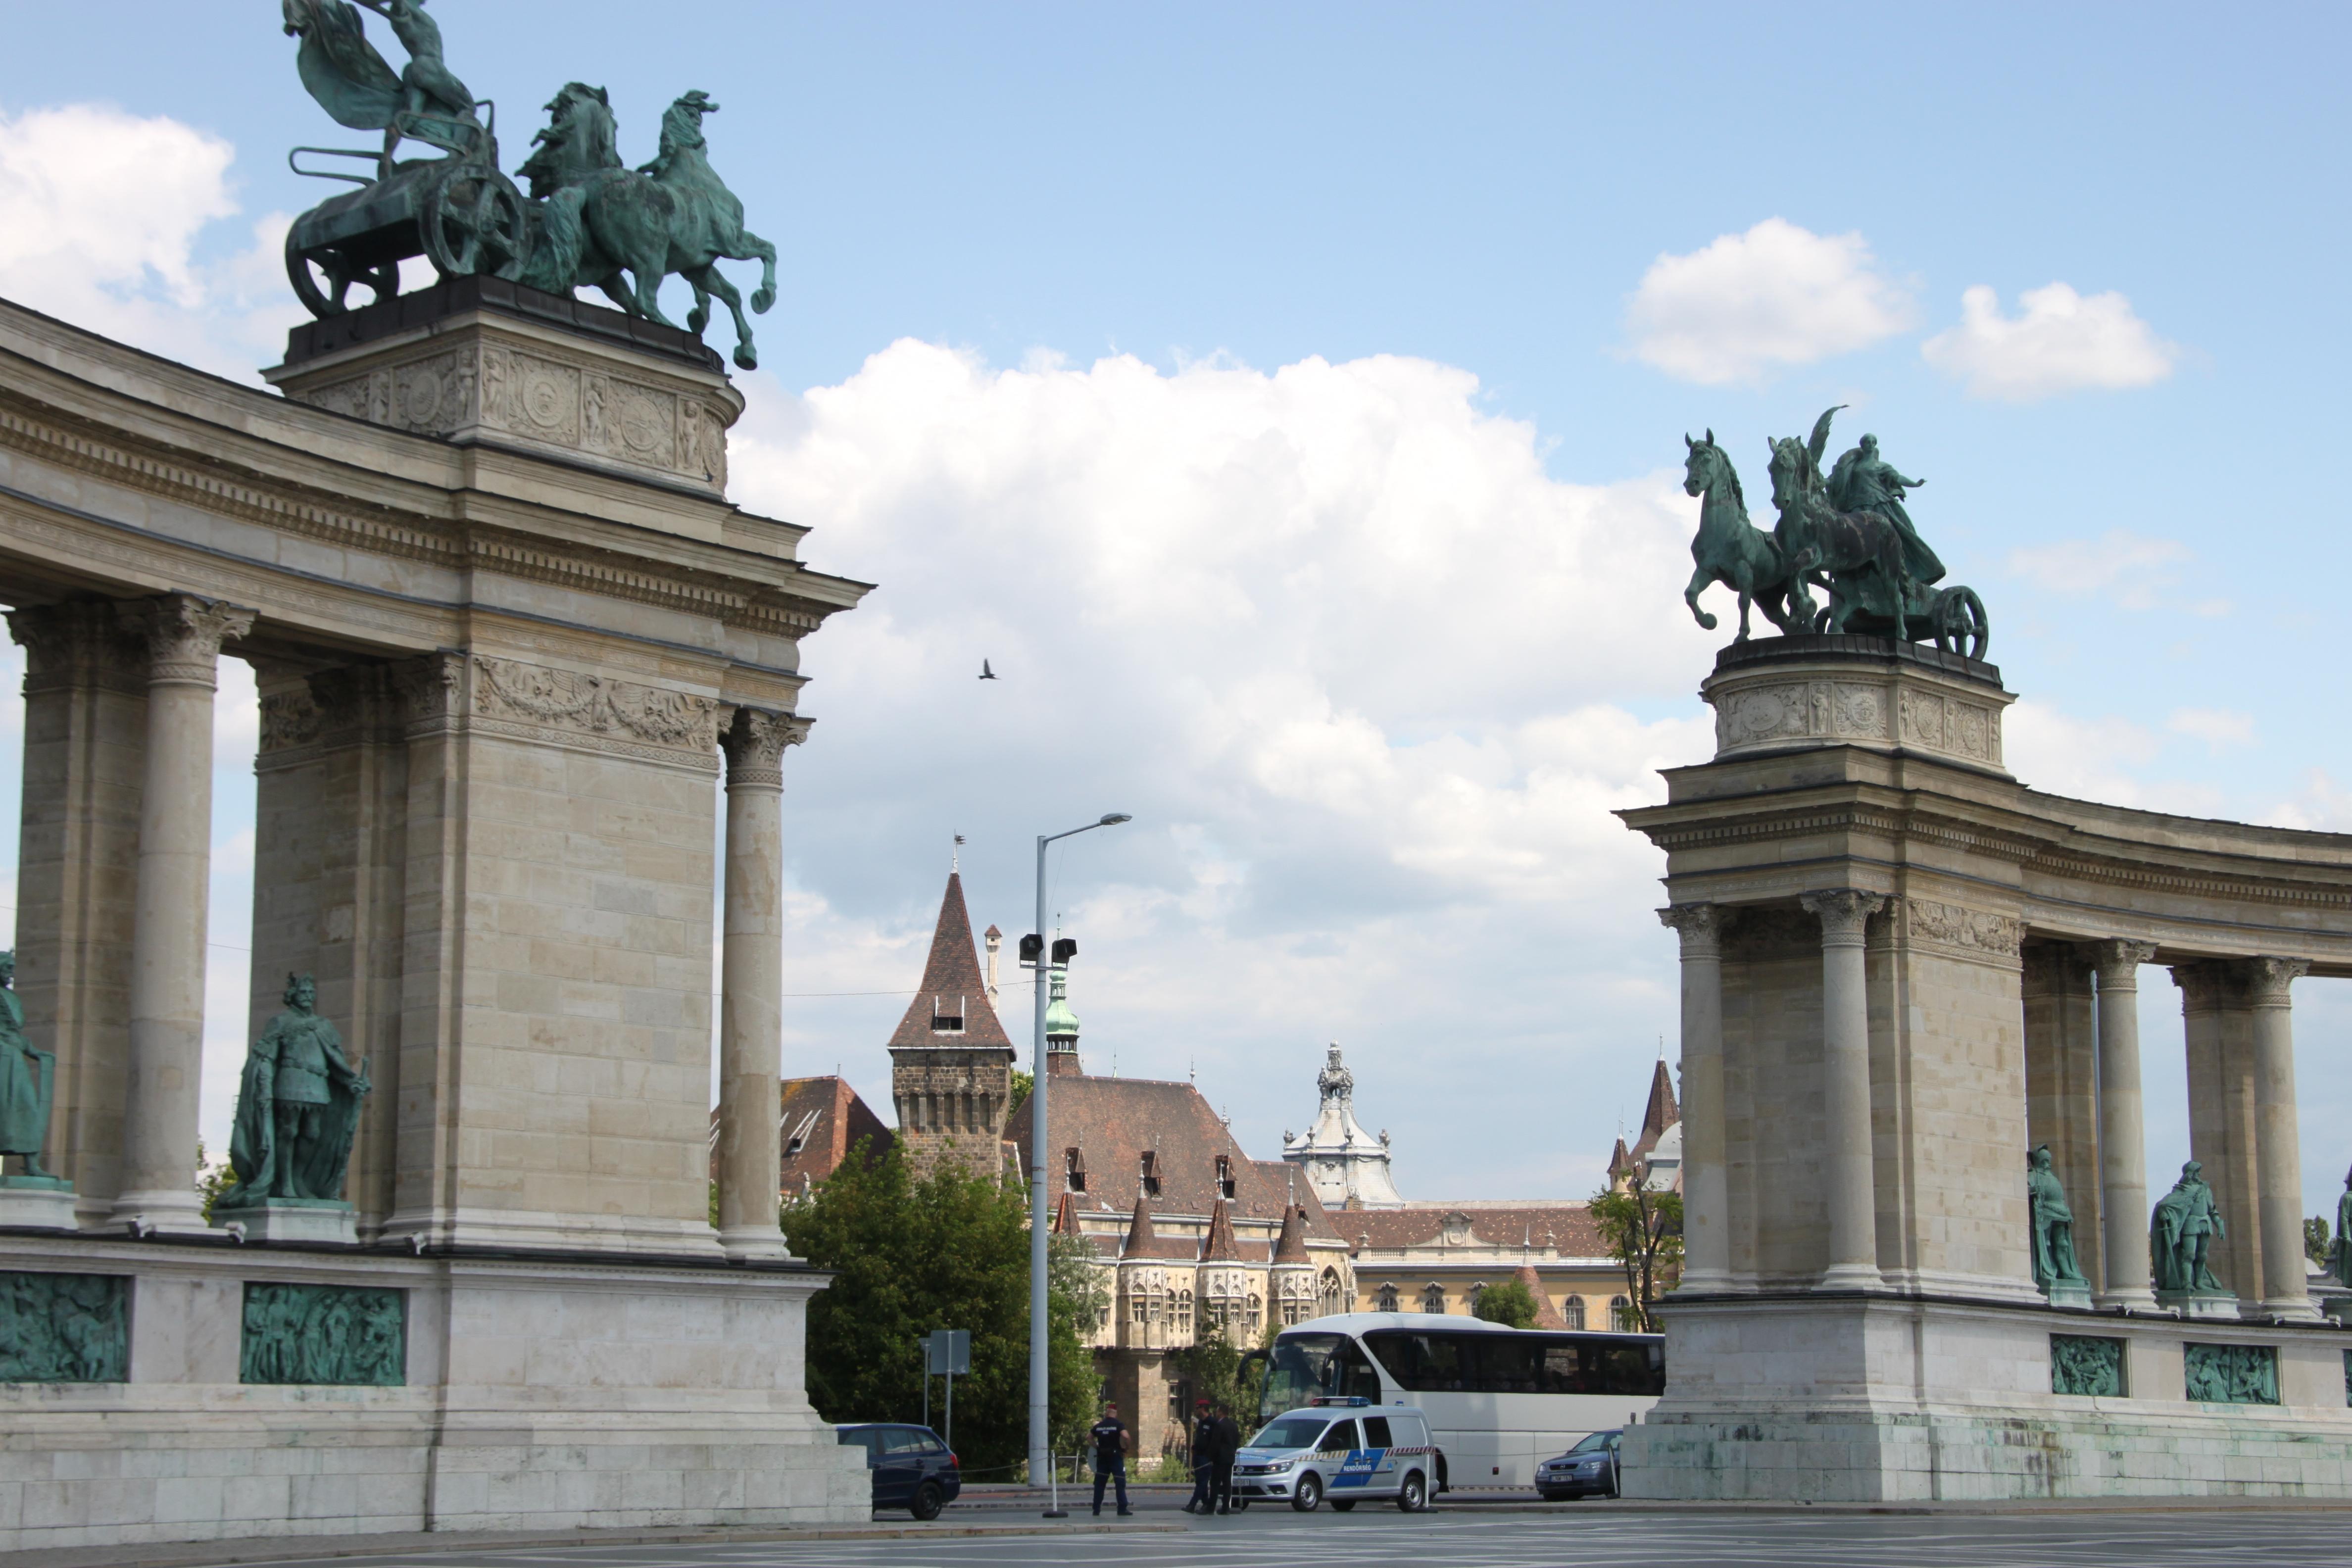 アンドラーシ通りと英雄広場